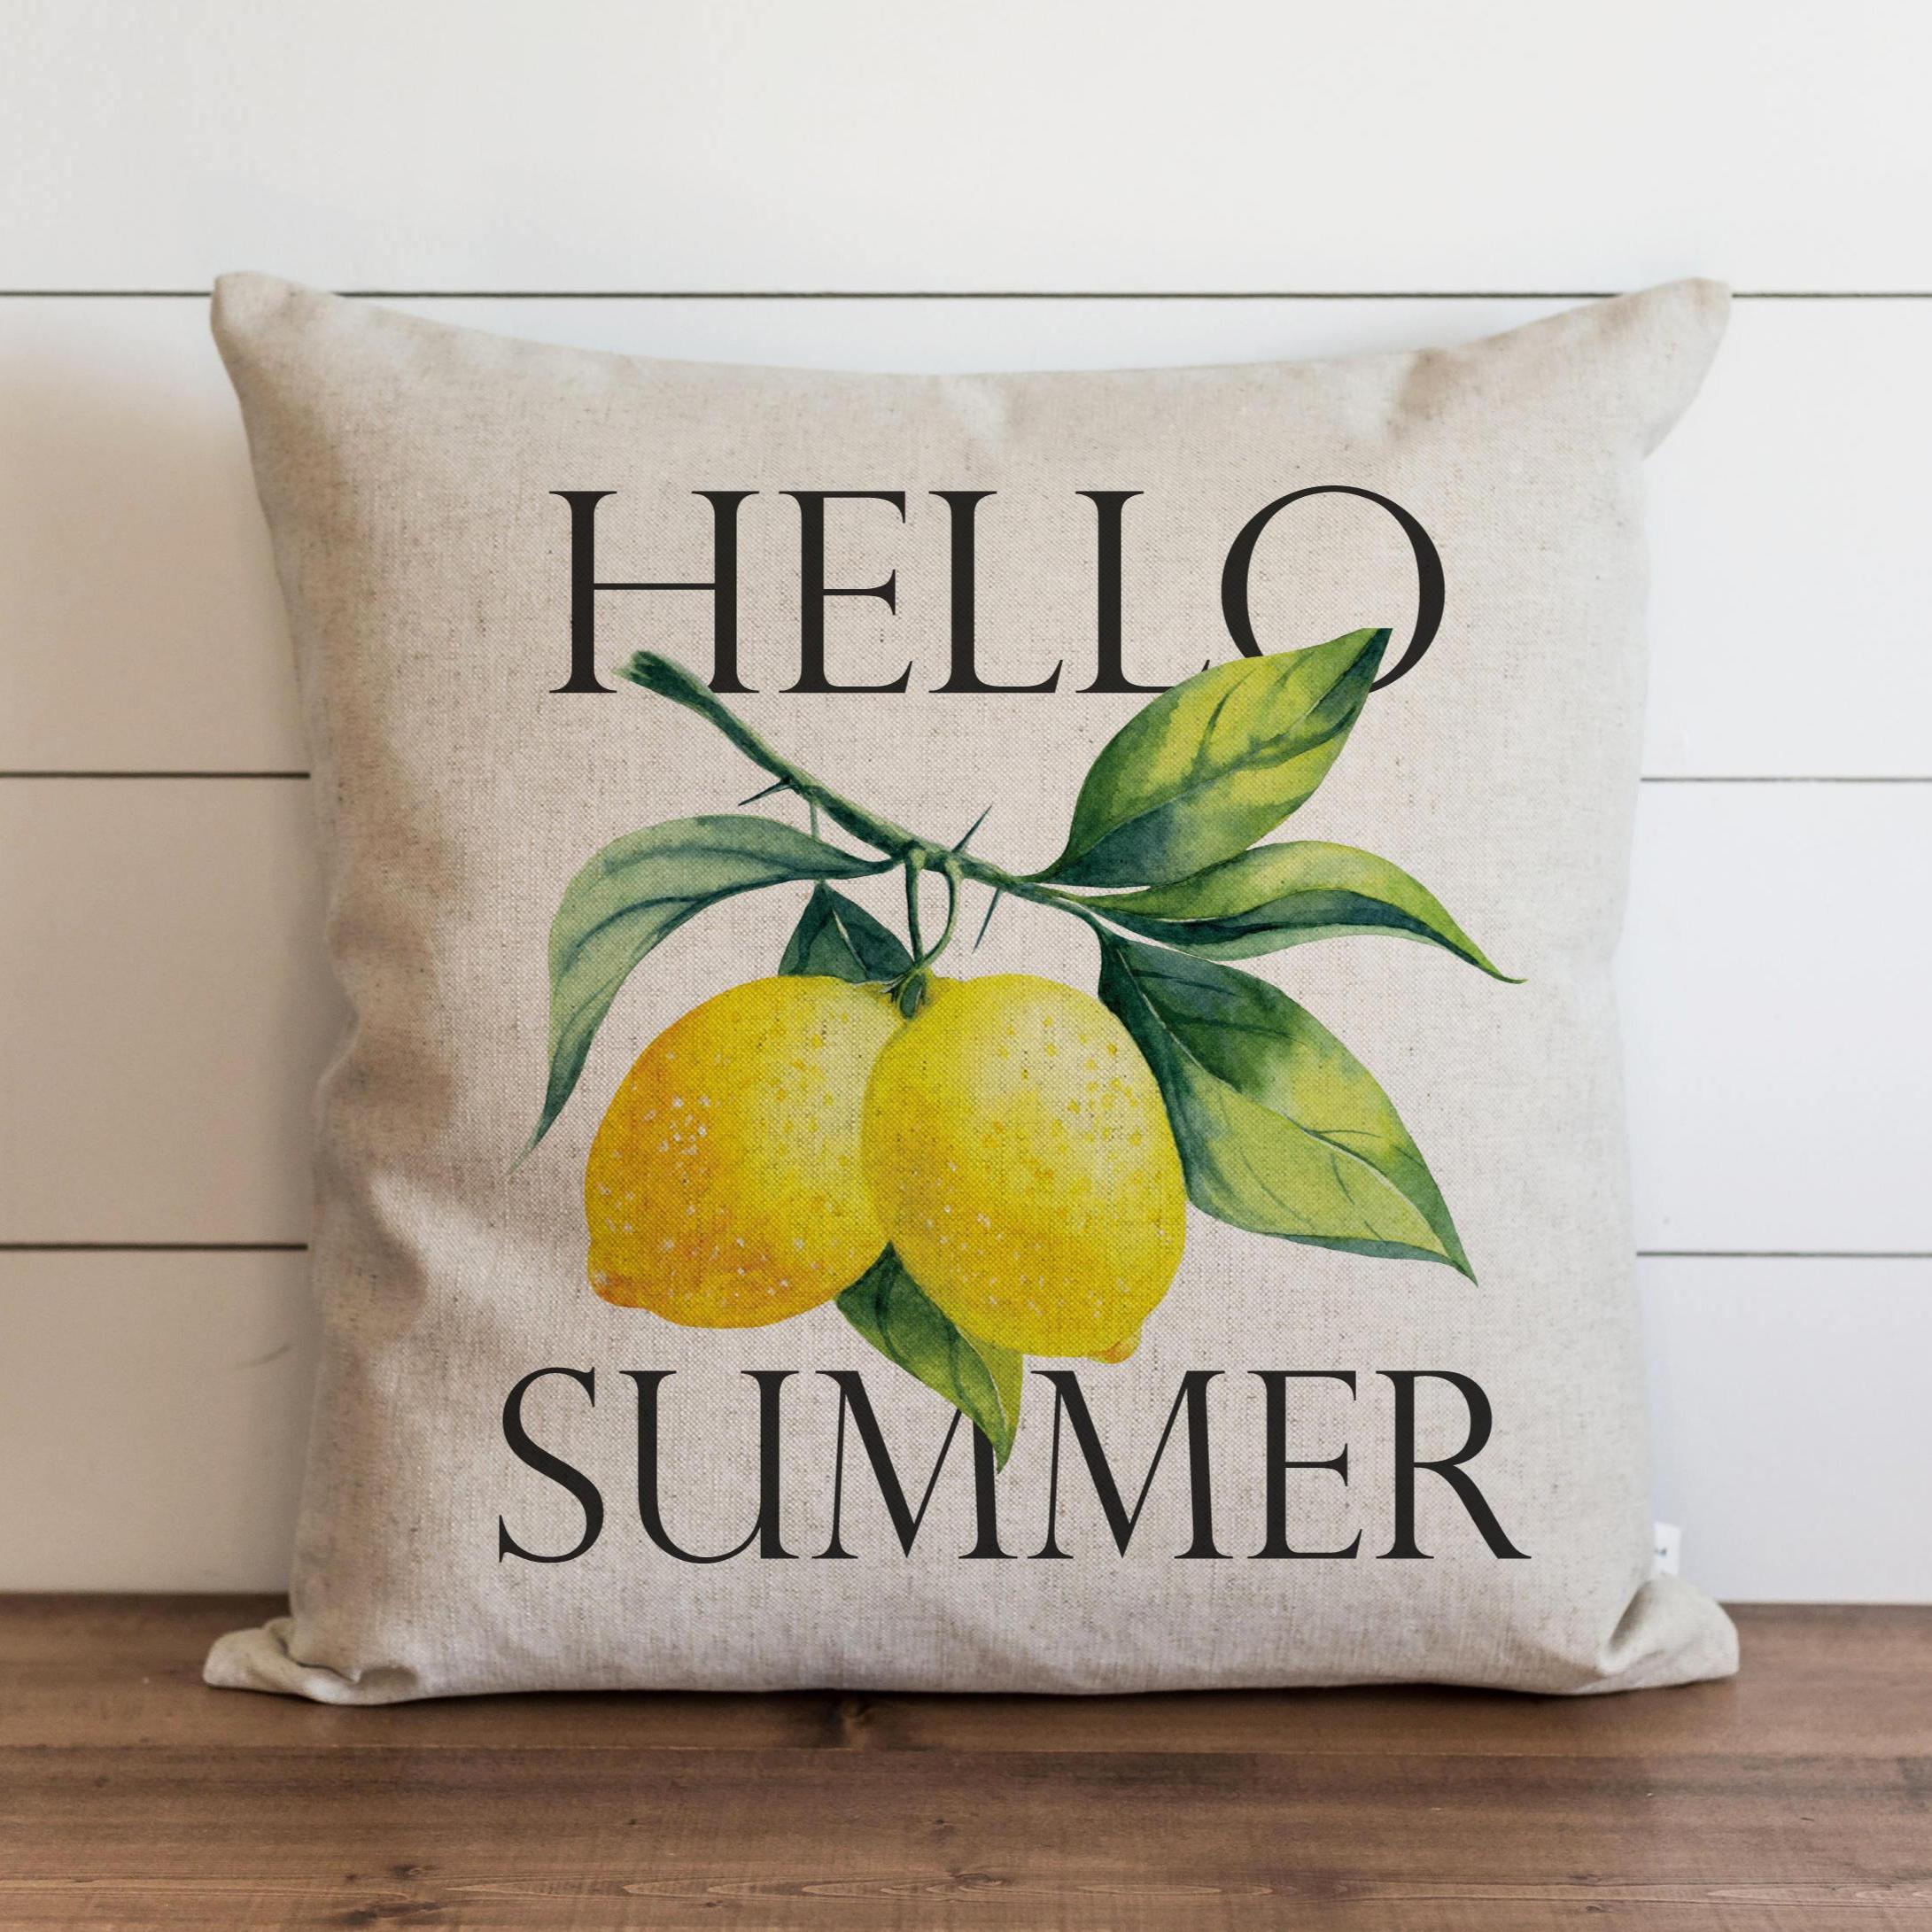 Hello Summer_Lemons Pillow Cover.